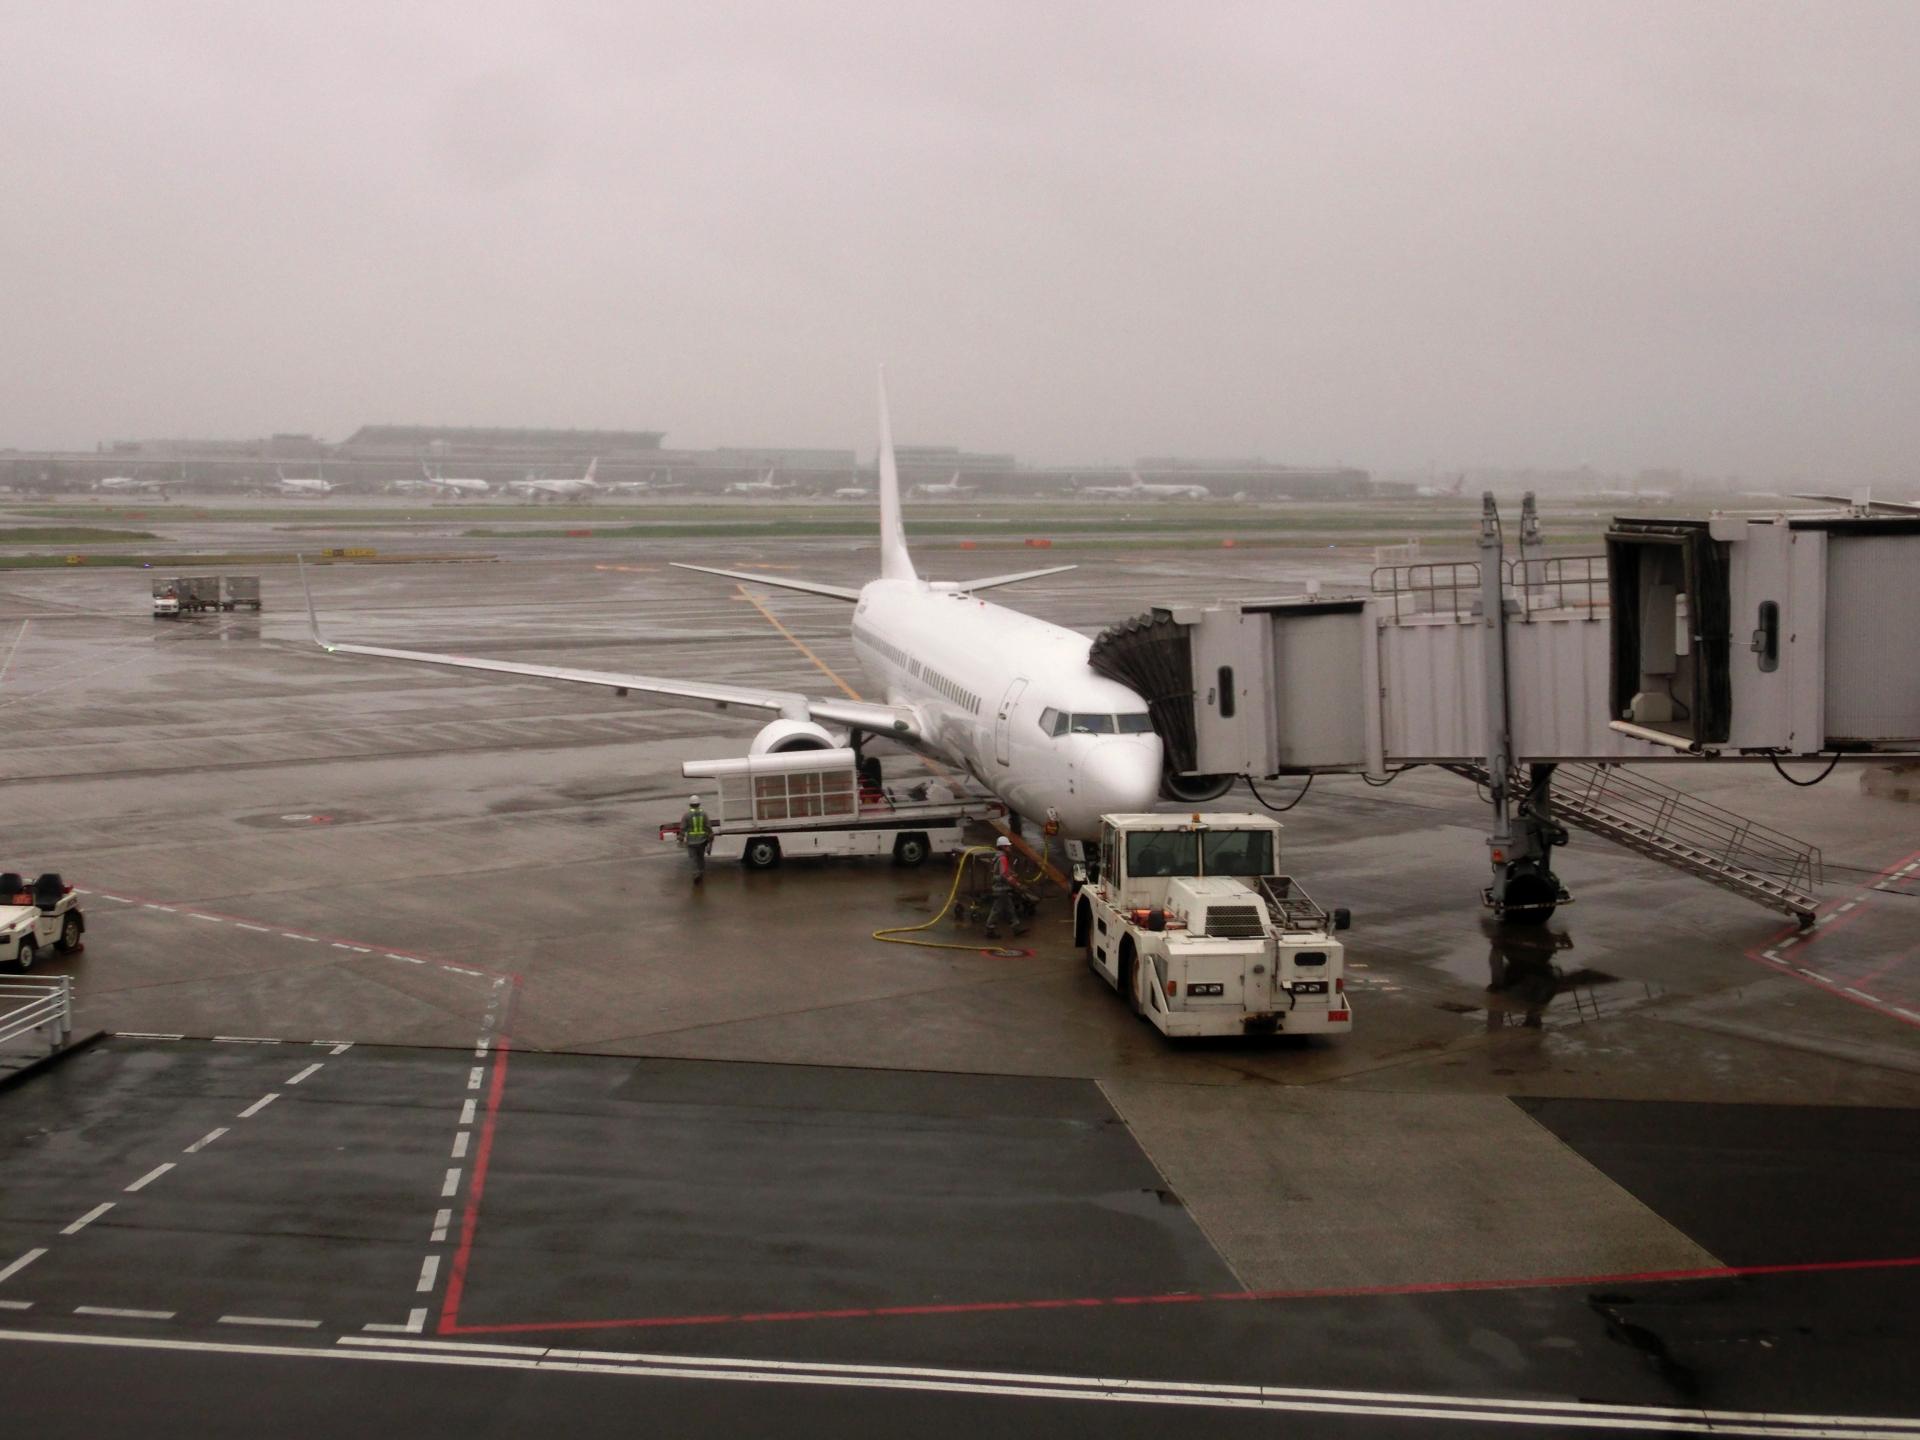 マイルで沖縄旅行!しかし台風直撃で飛行機が欠航かも!?フライト変更であたふたしたよw